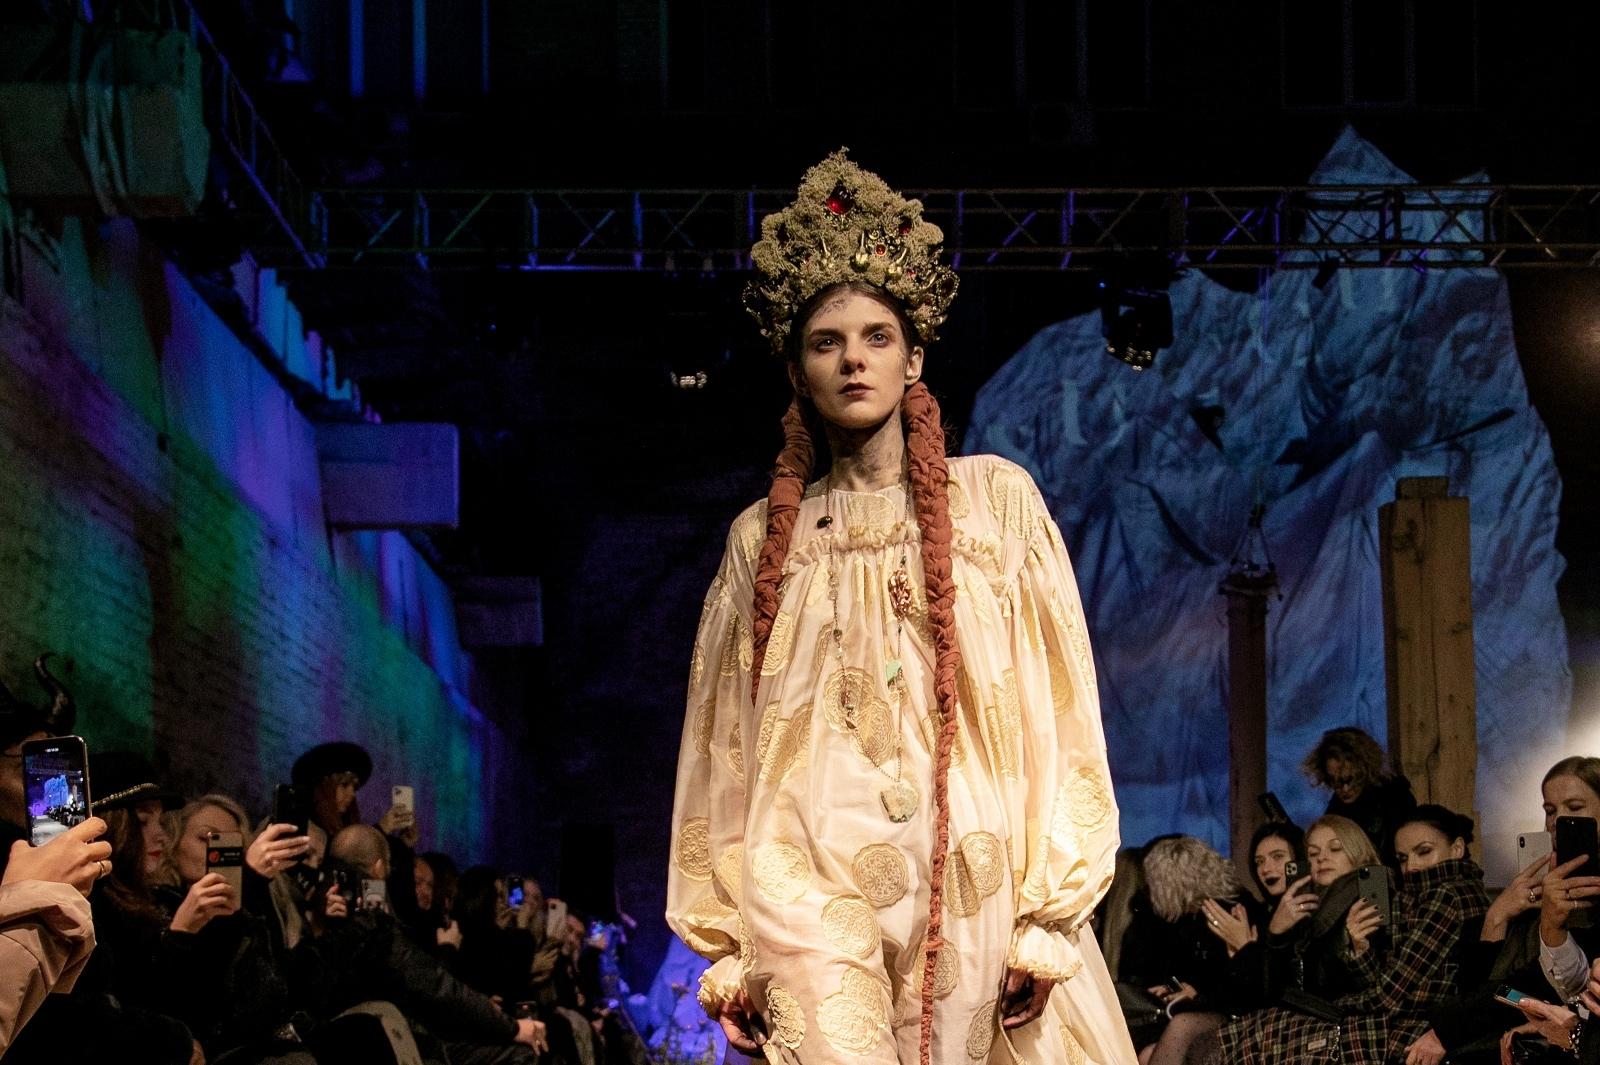 Показ новой коллекции модного дома Succub состоялся во Владивостоке